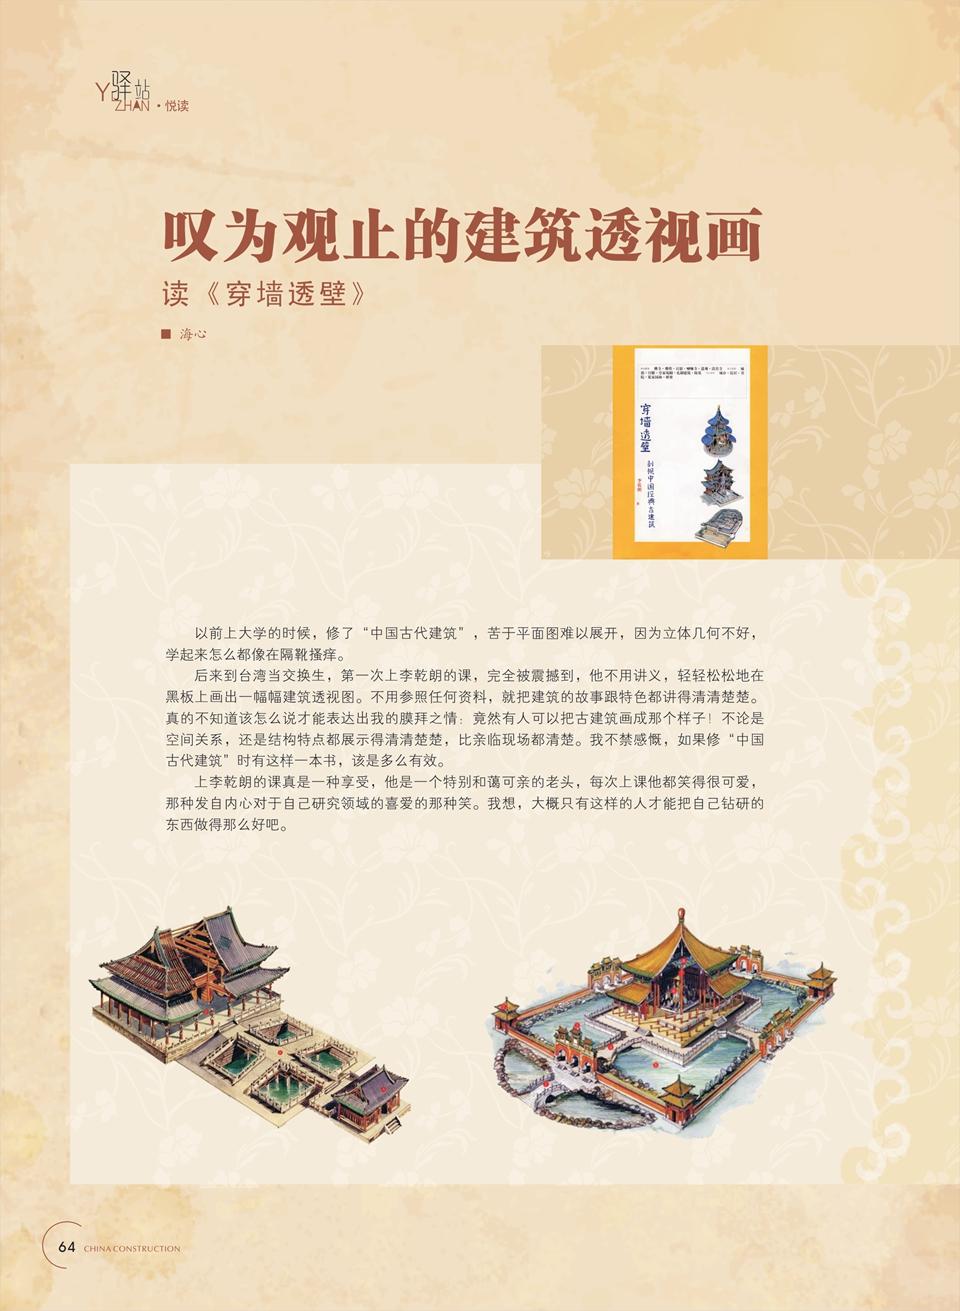 特别是原来的河南武汉及西部的外来工,大都会选择回到家乡打工.